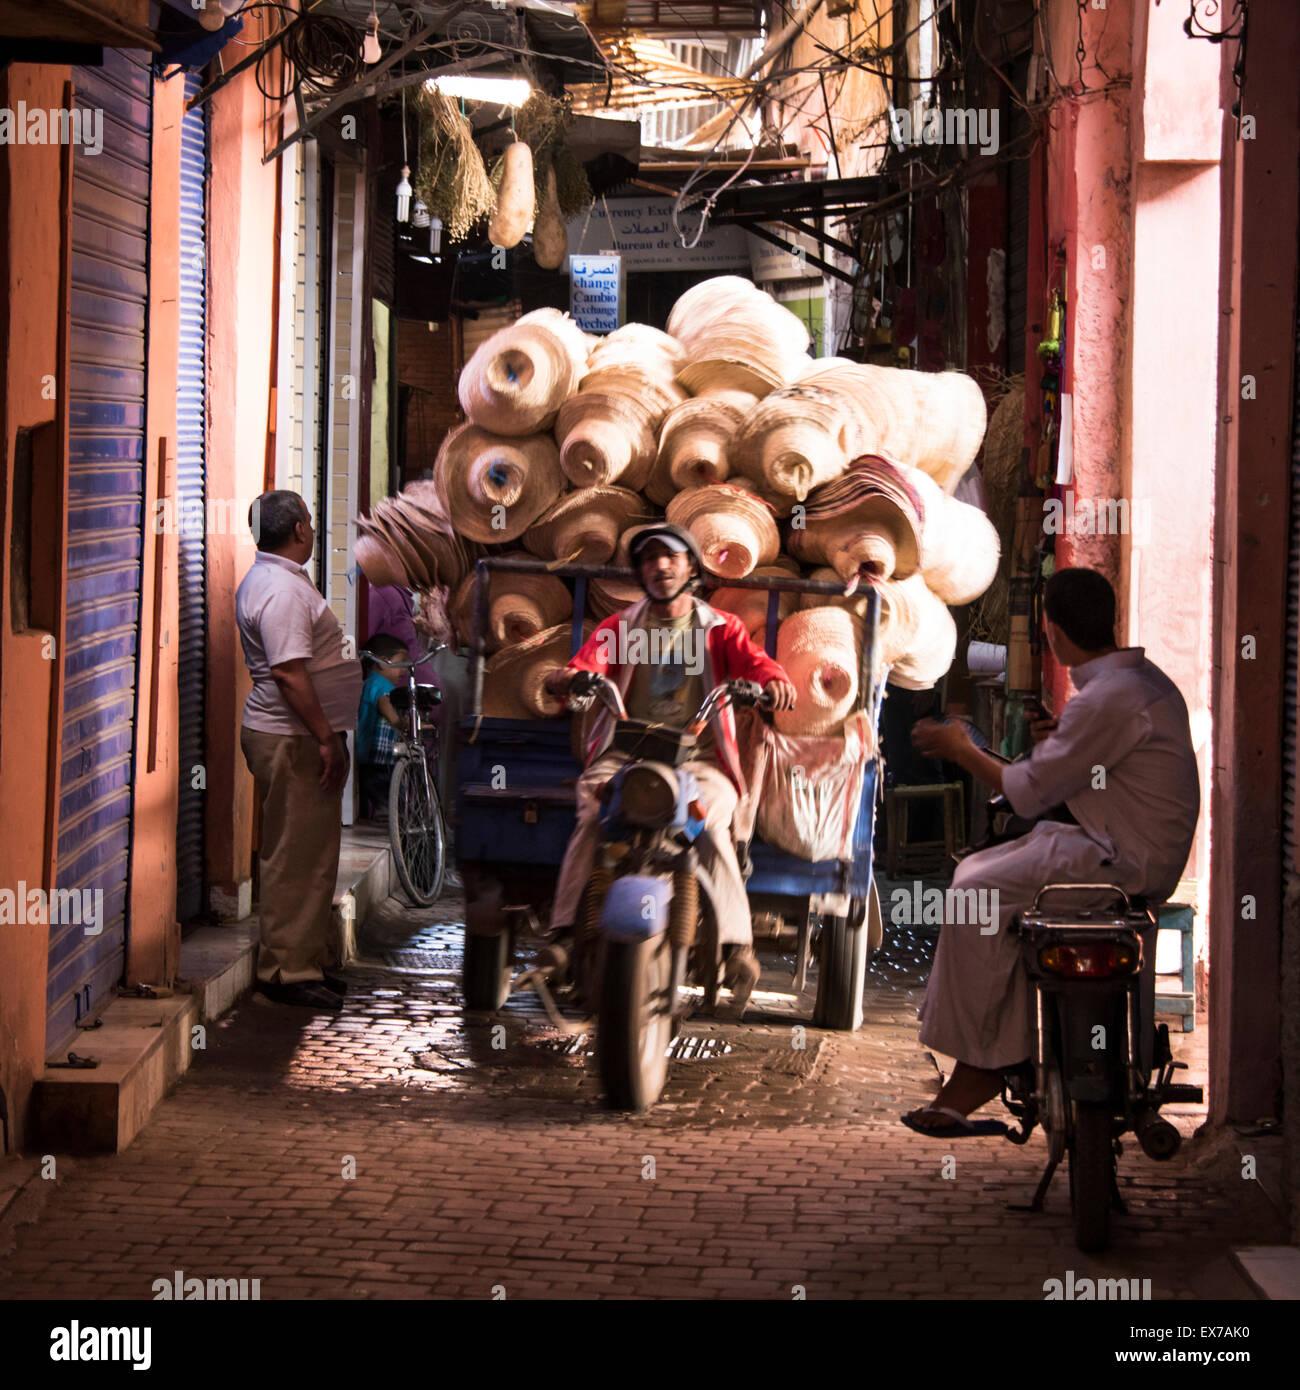 Un vendeur de matériel sur un véhicule motorisé à Marrakech, Maroc Photo Stock